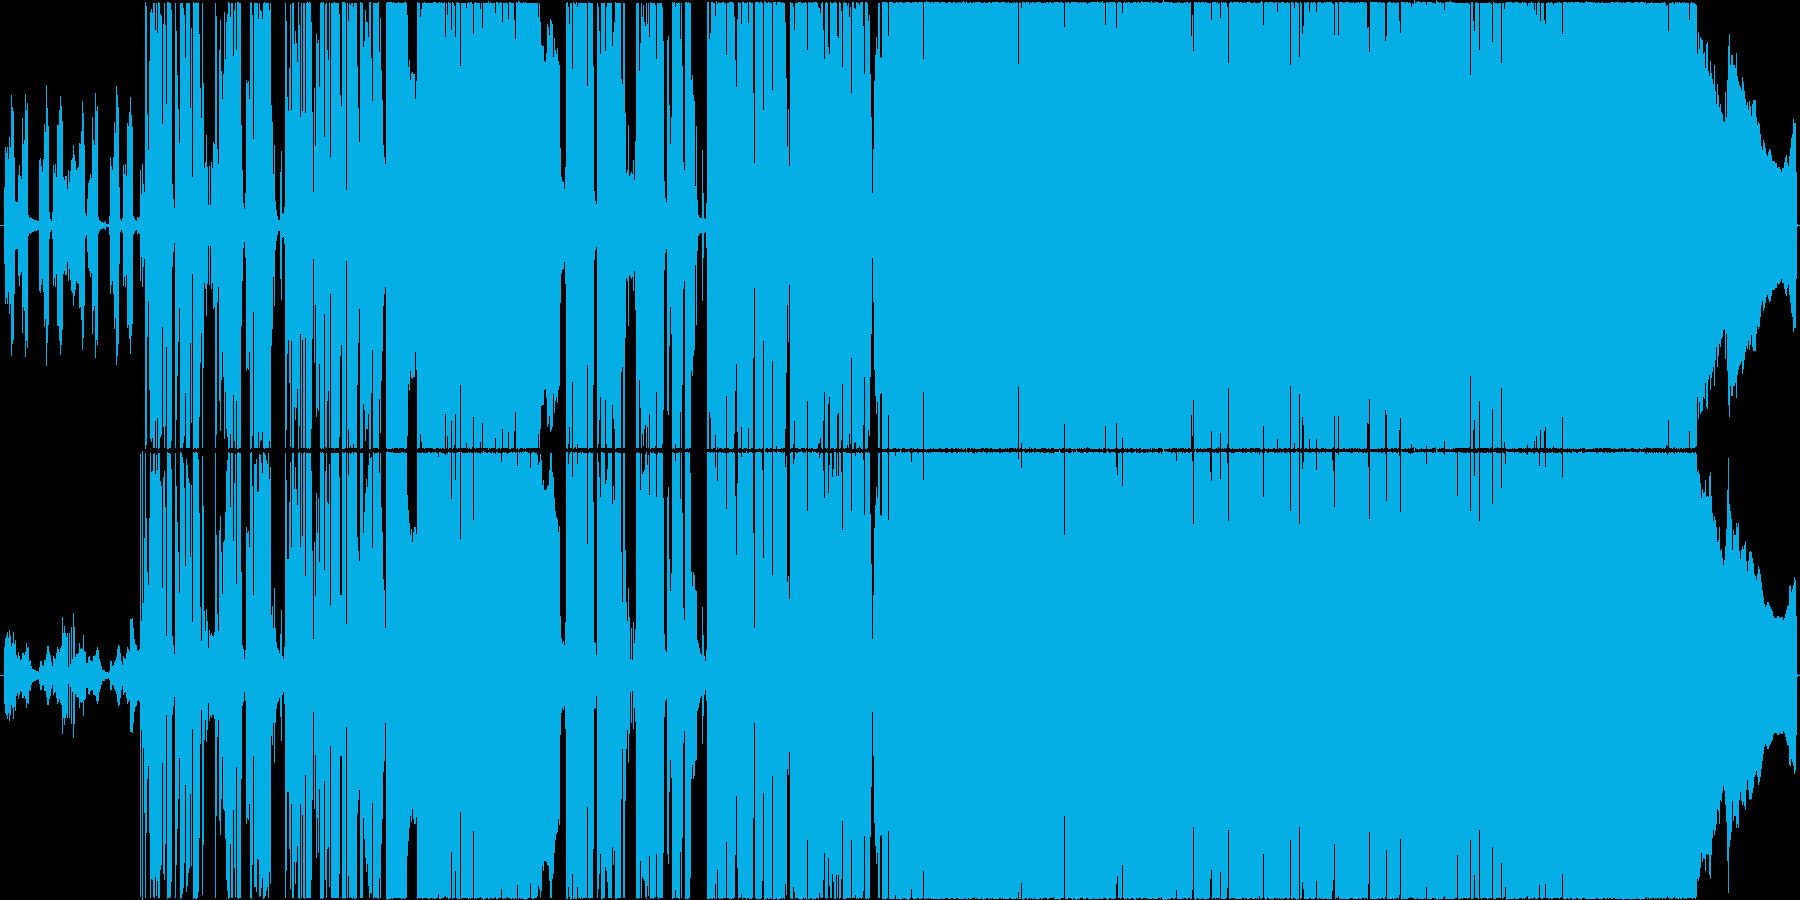 明るい、前向きな、エモいギターロック曲の再生済みの波形